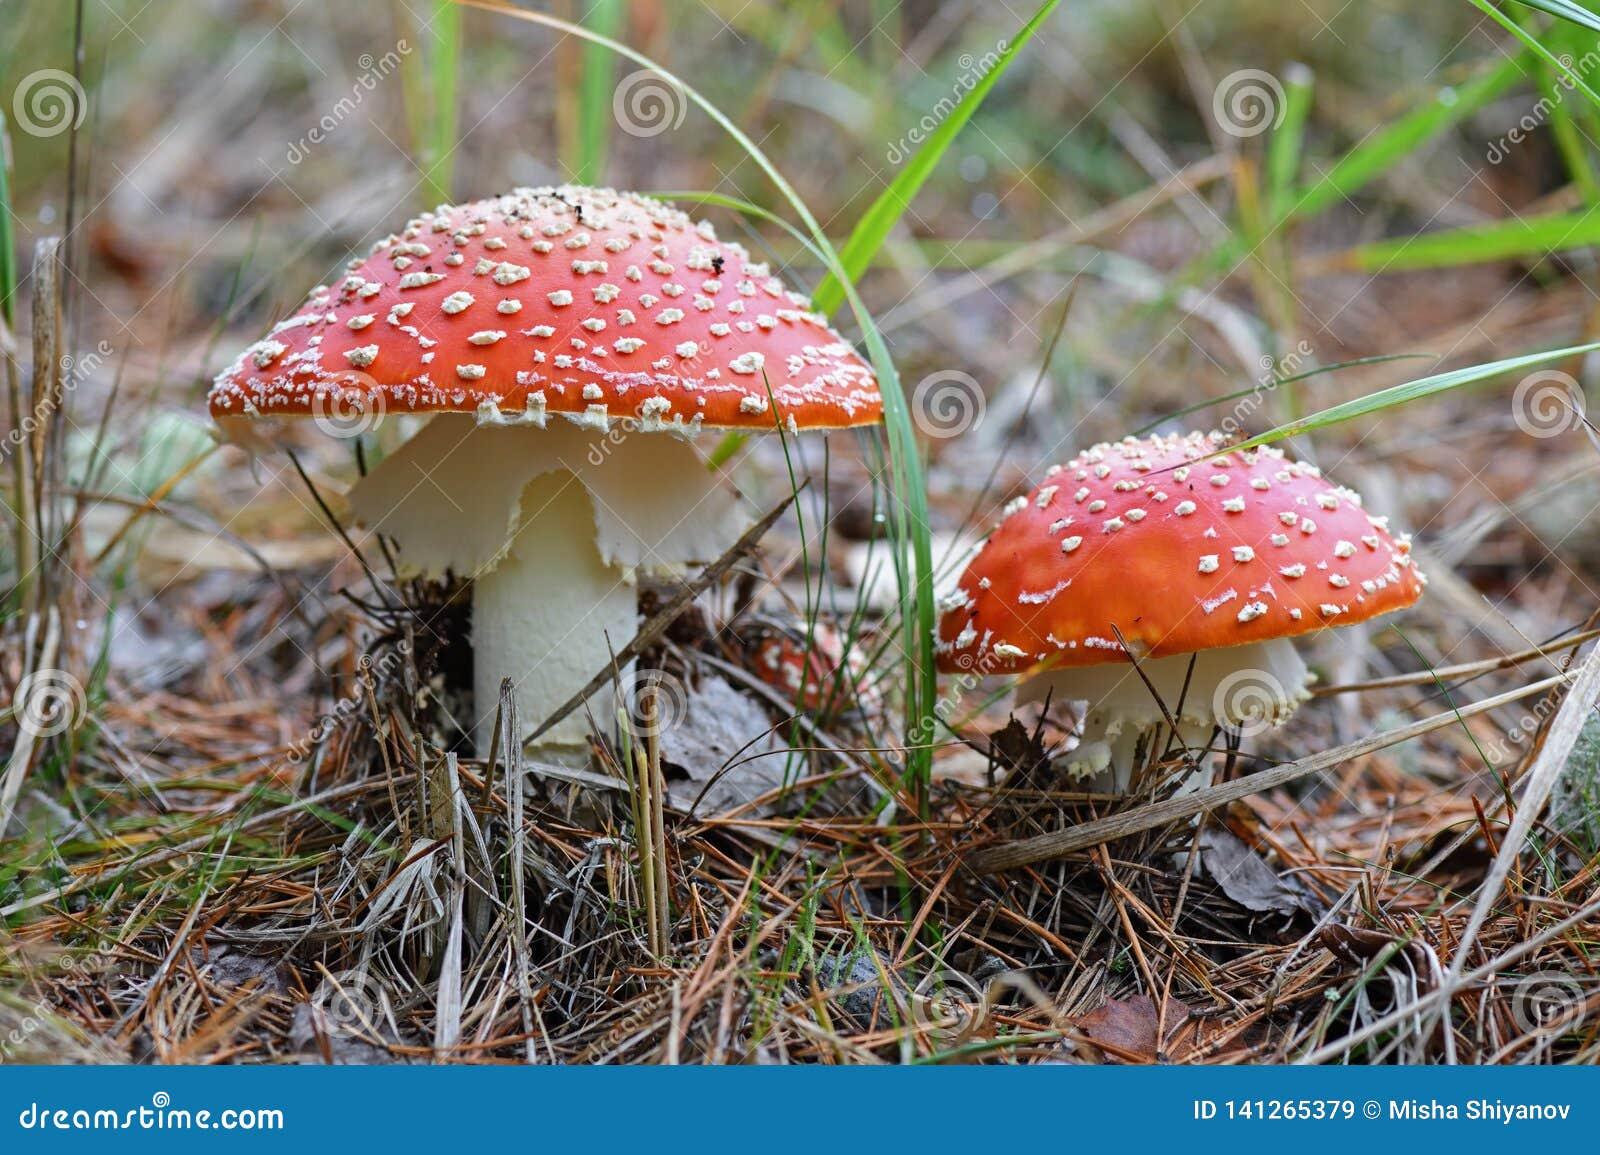 Malownicza komarnicy bedłki pieczarka w lesie, w górę jesienią amanita muscaria grzybów niebezpieczeństw